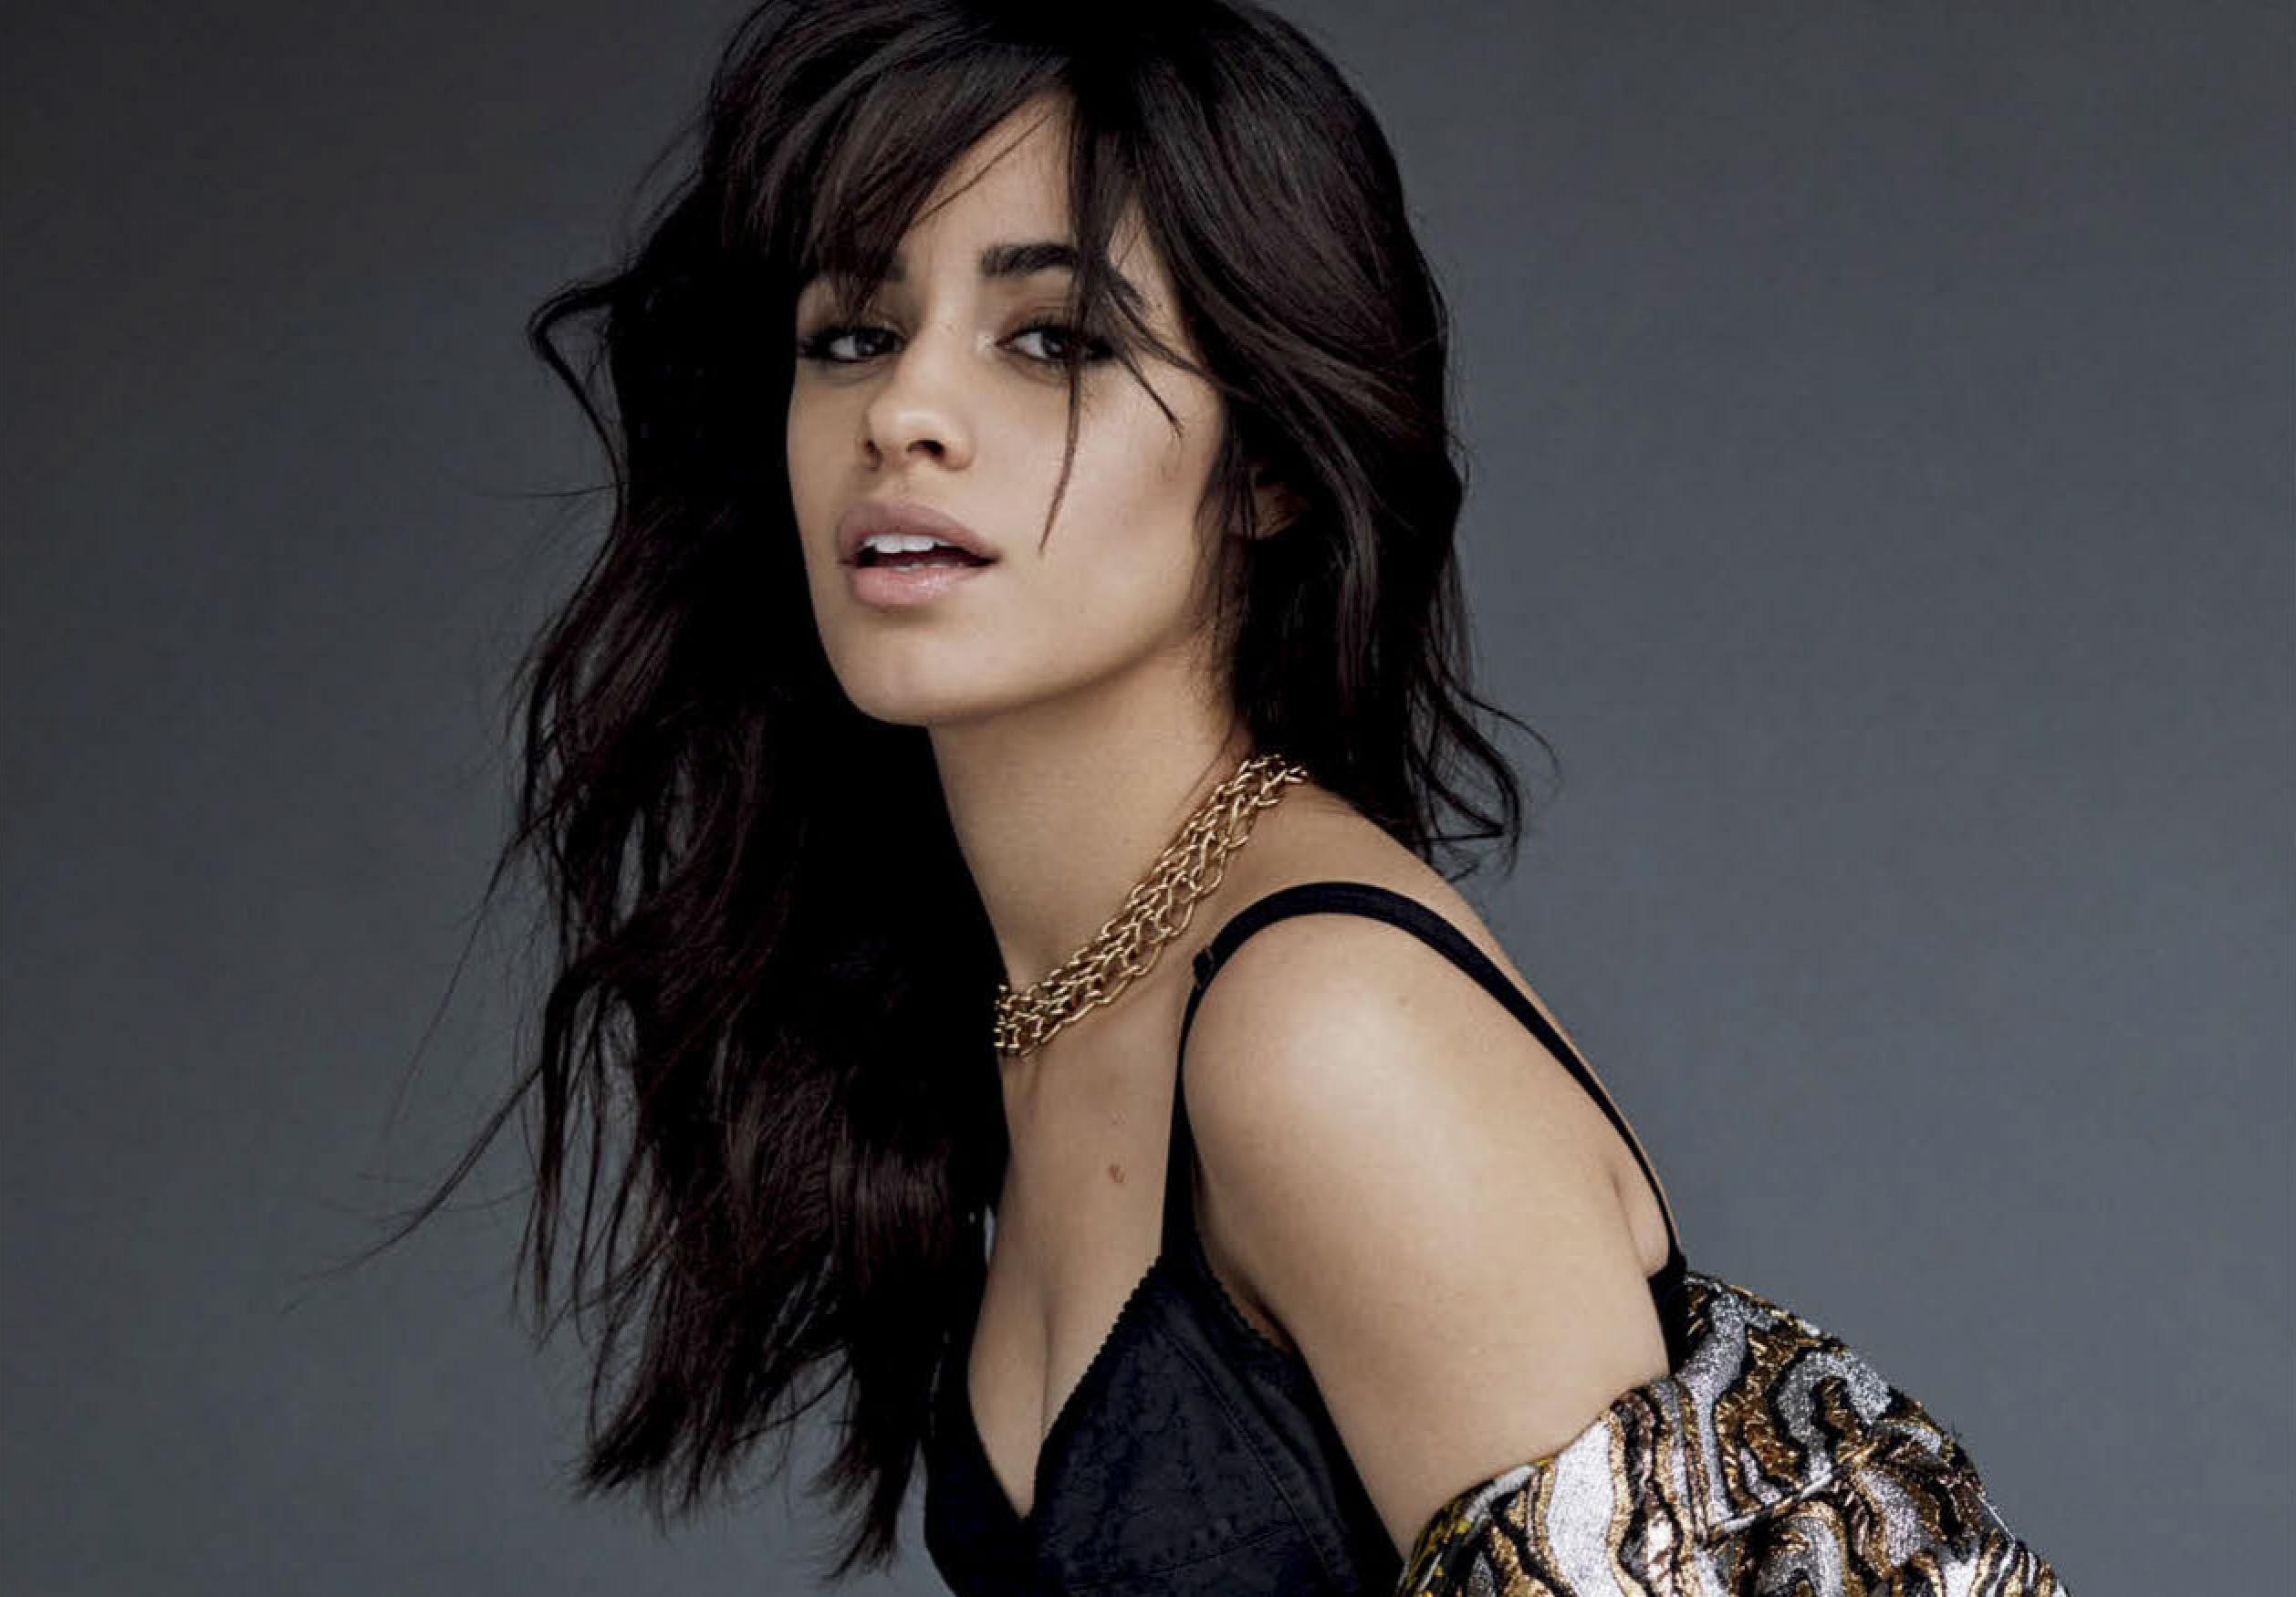 Camila Cabello: Camila Cabello 2018 Vogue, HD Celebrities, 4k Wallpapers